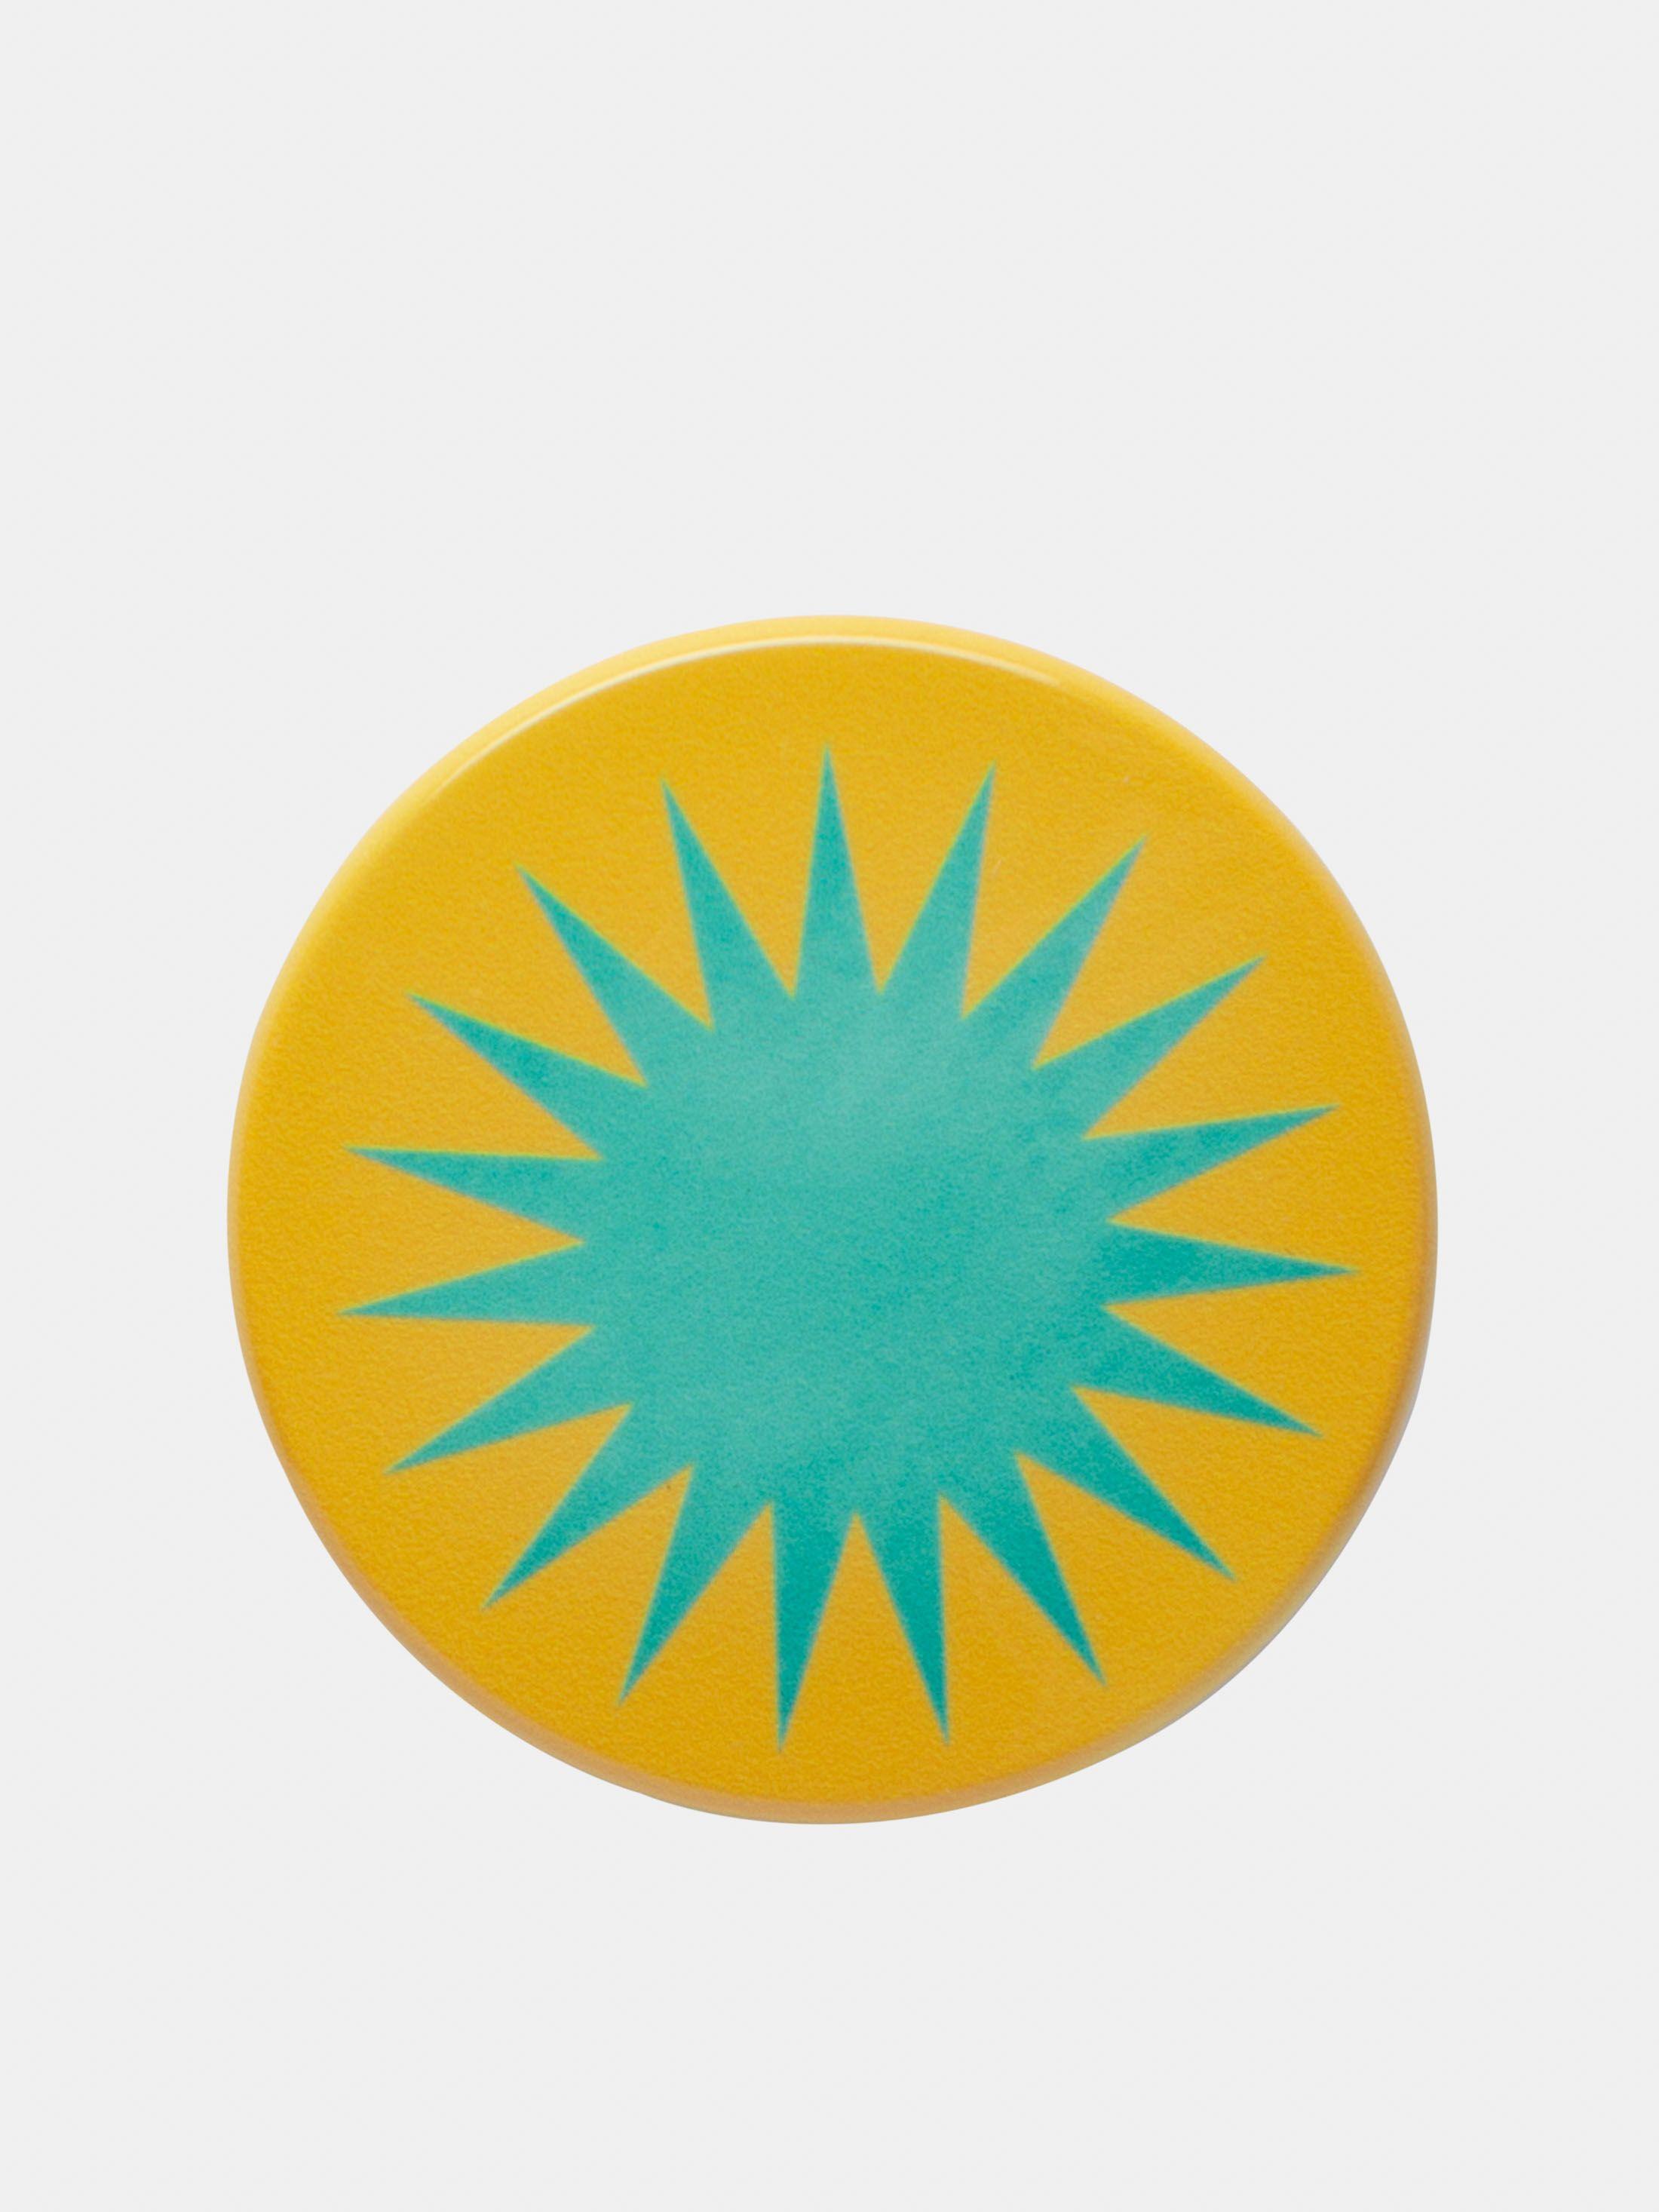 rückseite magnete rund und rechteckig